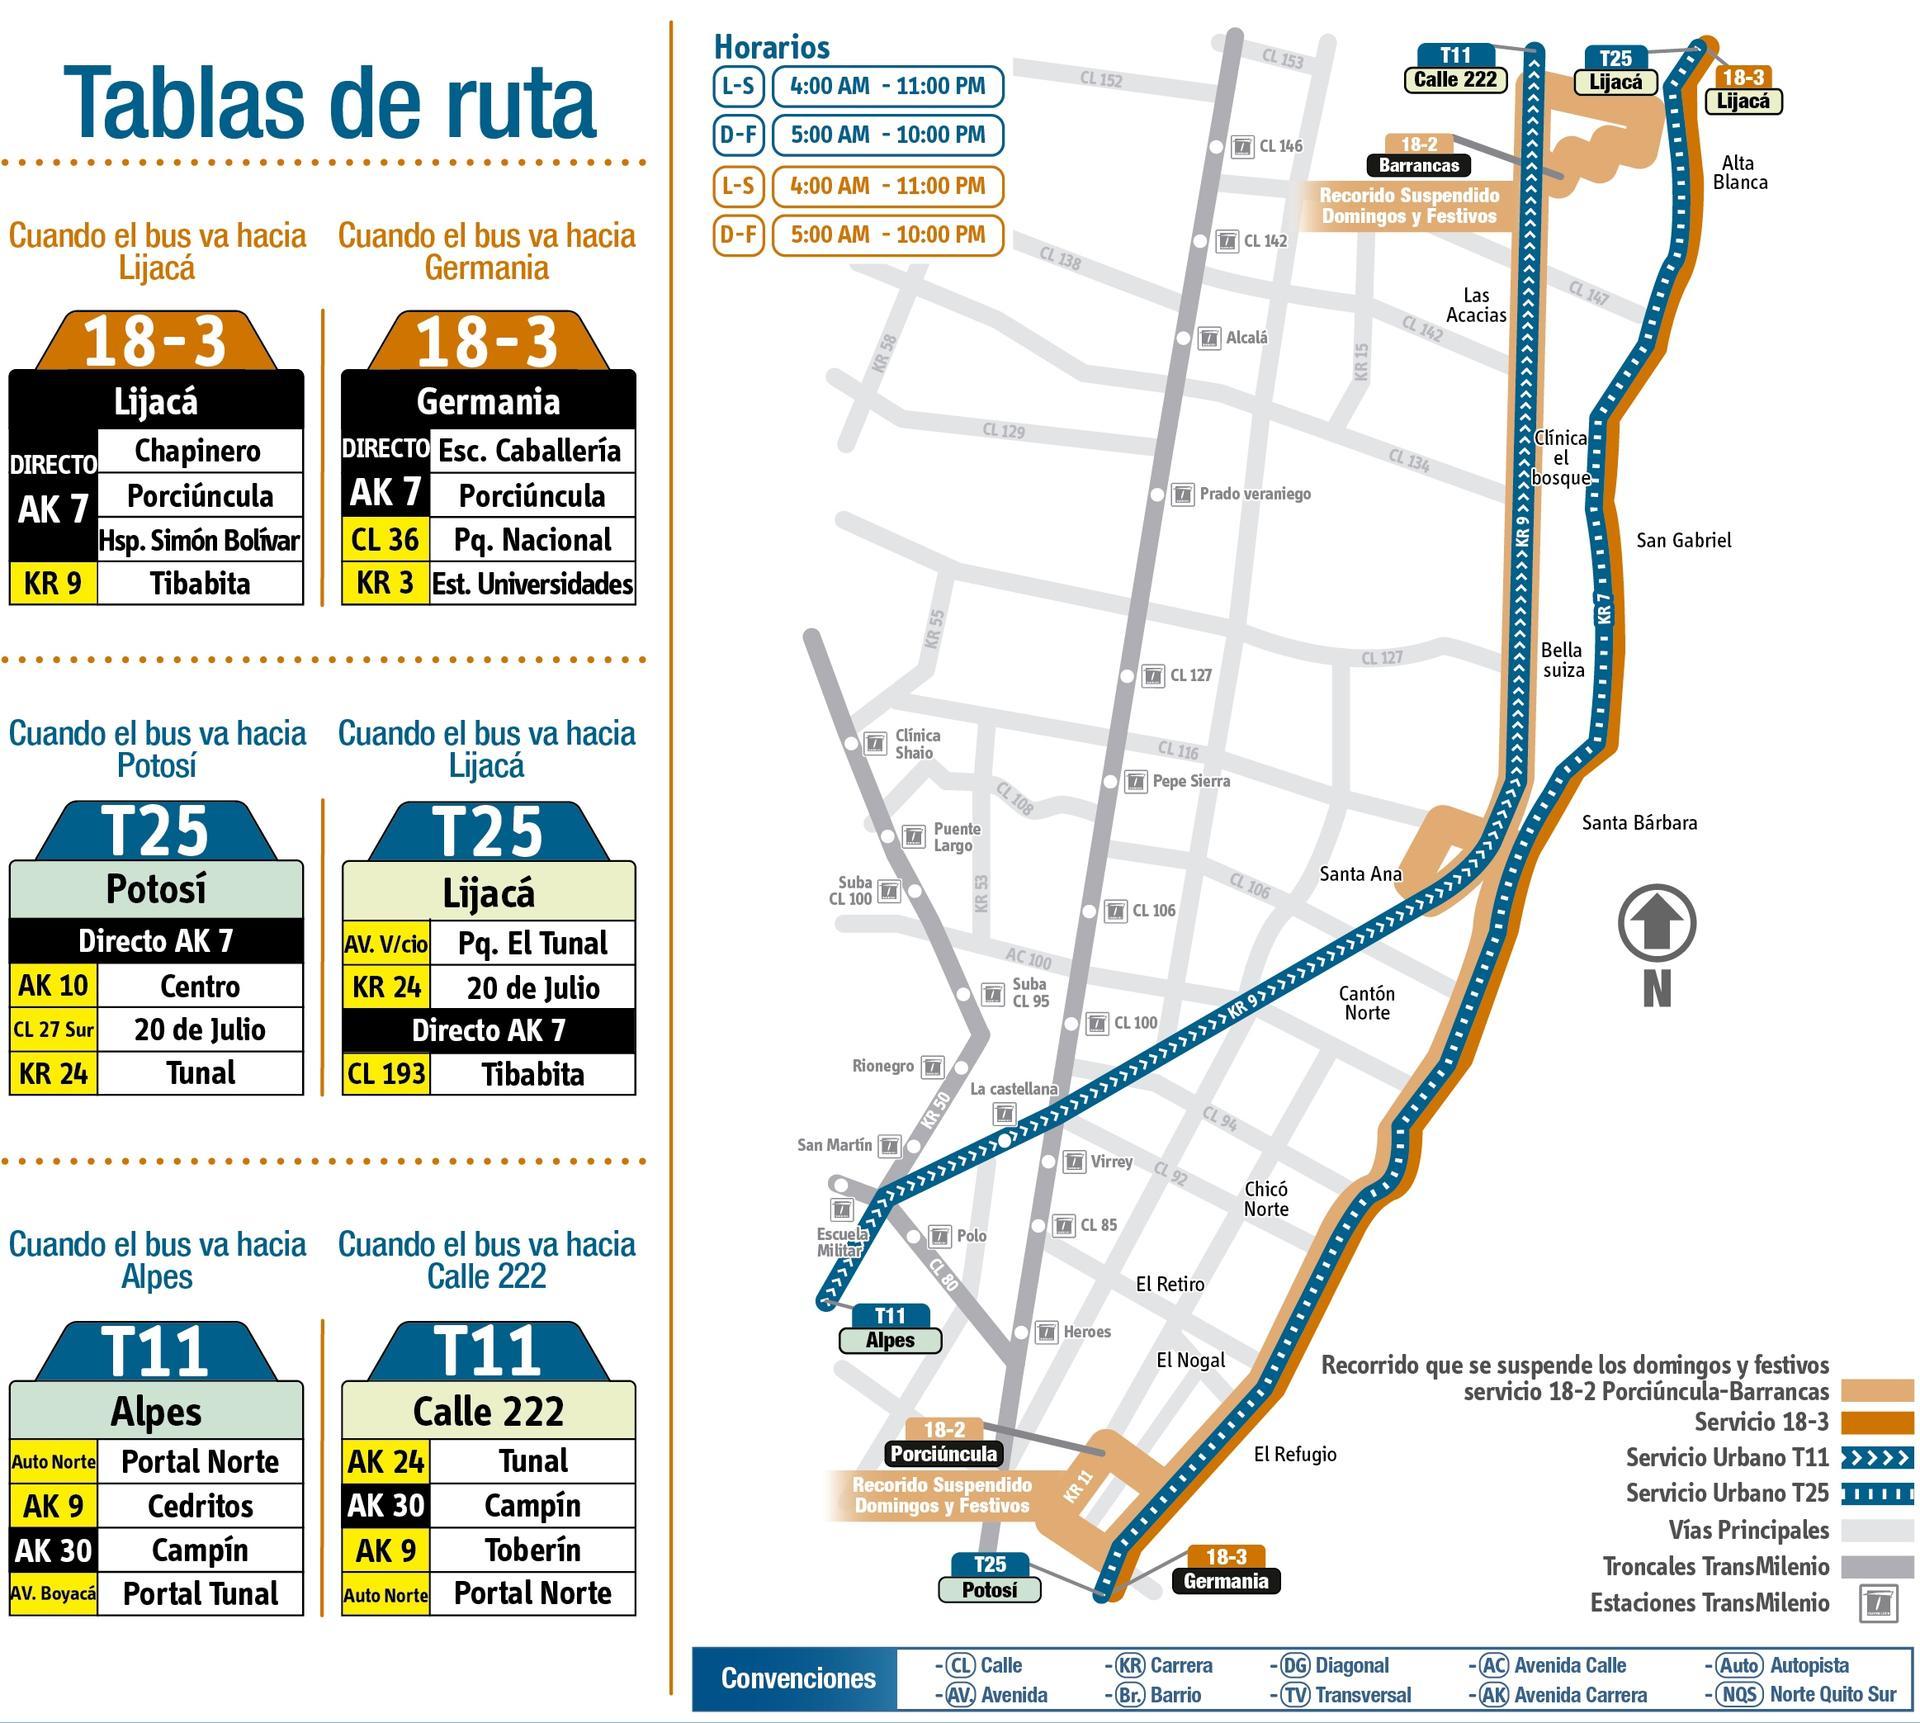 Ruta SITP: 18-2 Barrancas [Complementaria] 4